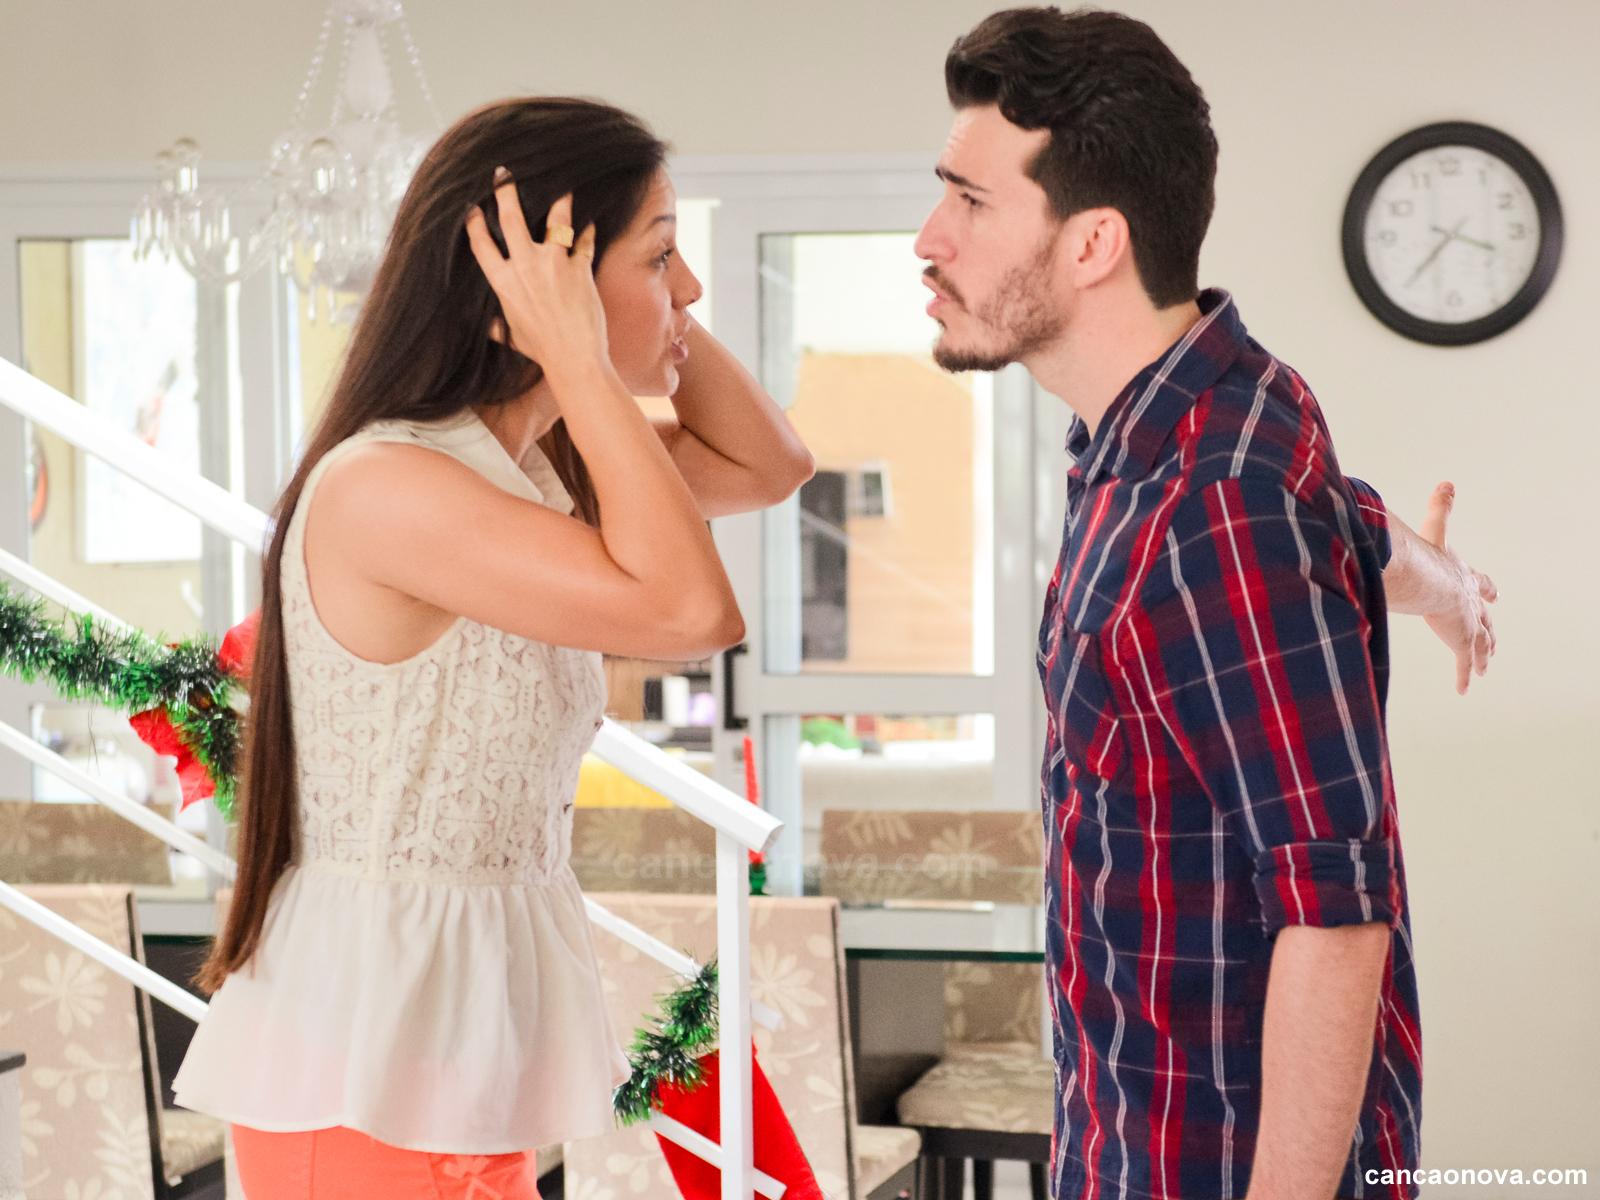 Ciúme o veneno dos relacionamentos